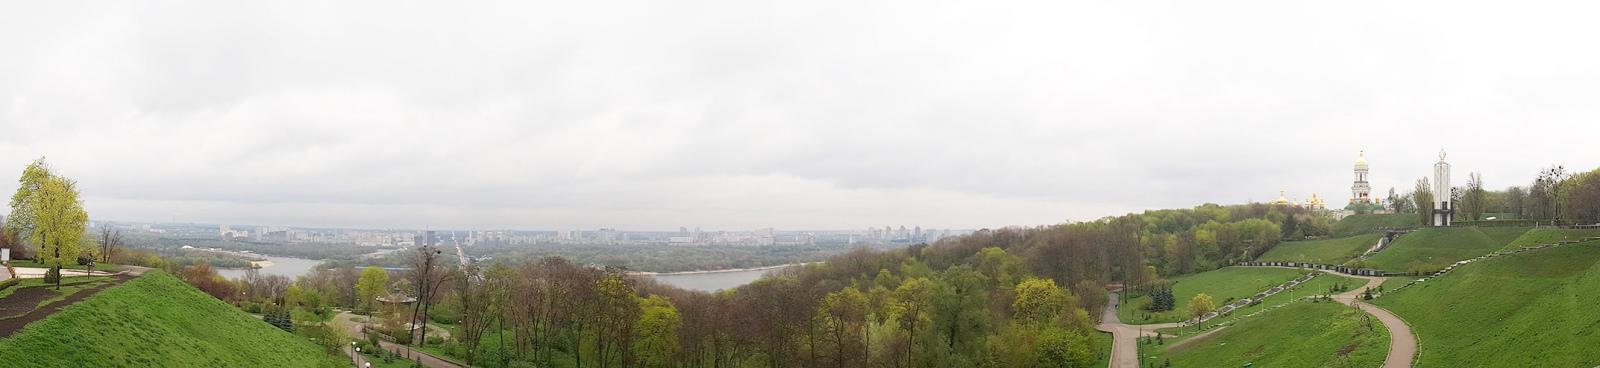 Весняний дощ у Києві, у режимі панорами